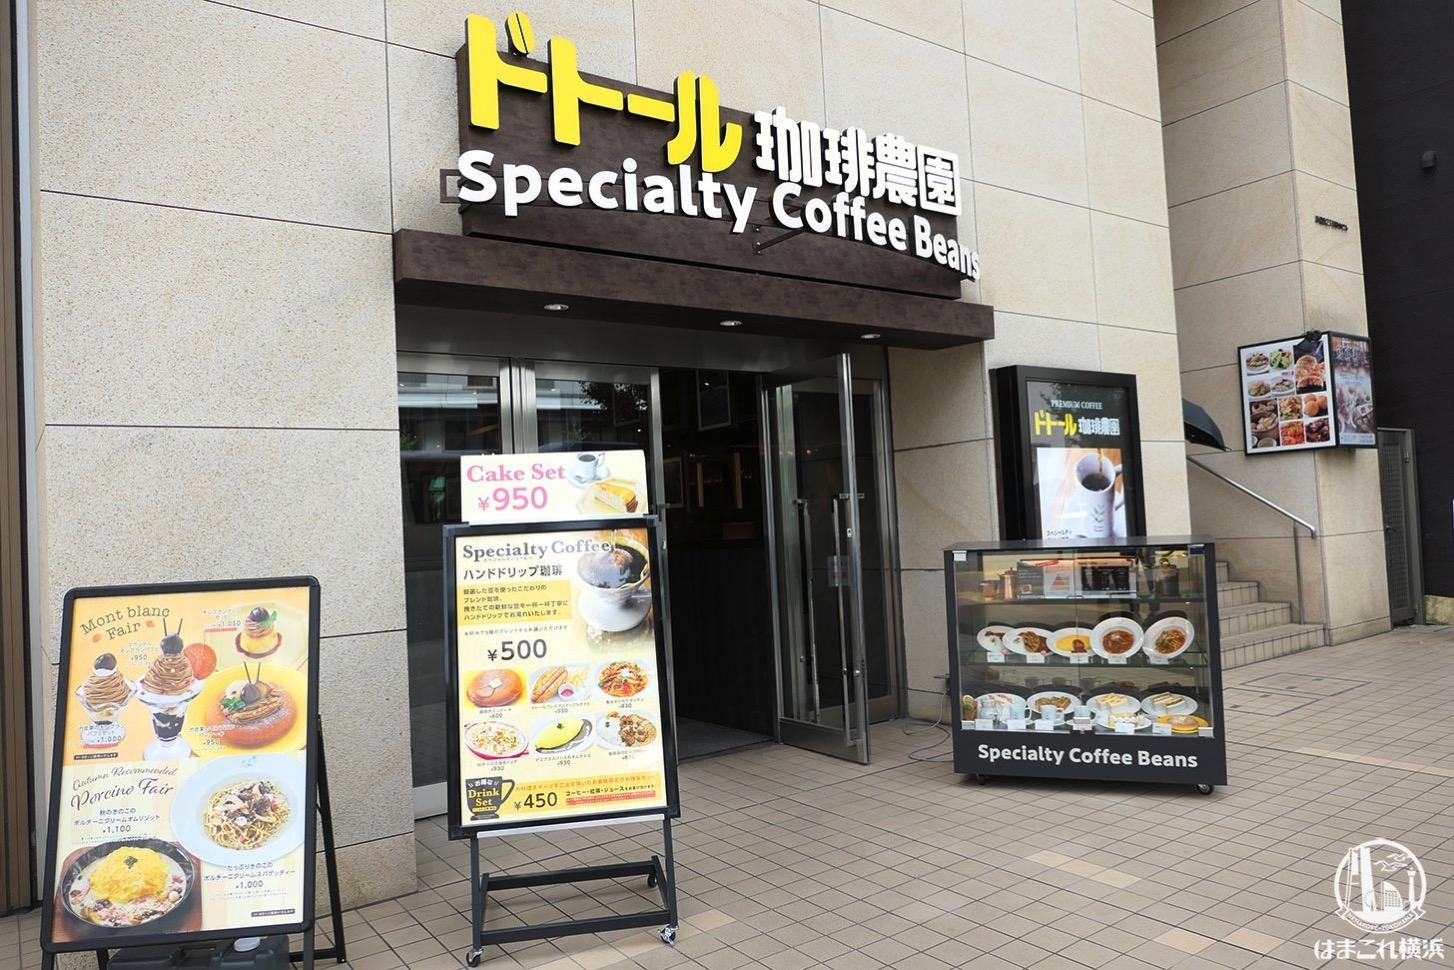 新横浜でドトール珈琲農園発見!お洒落空間広がるドトールは居心地良すぎた